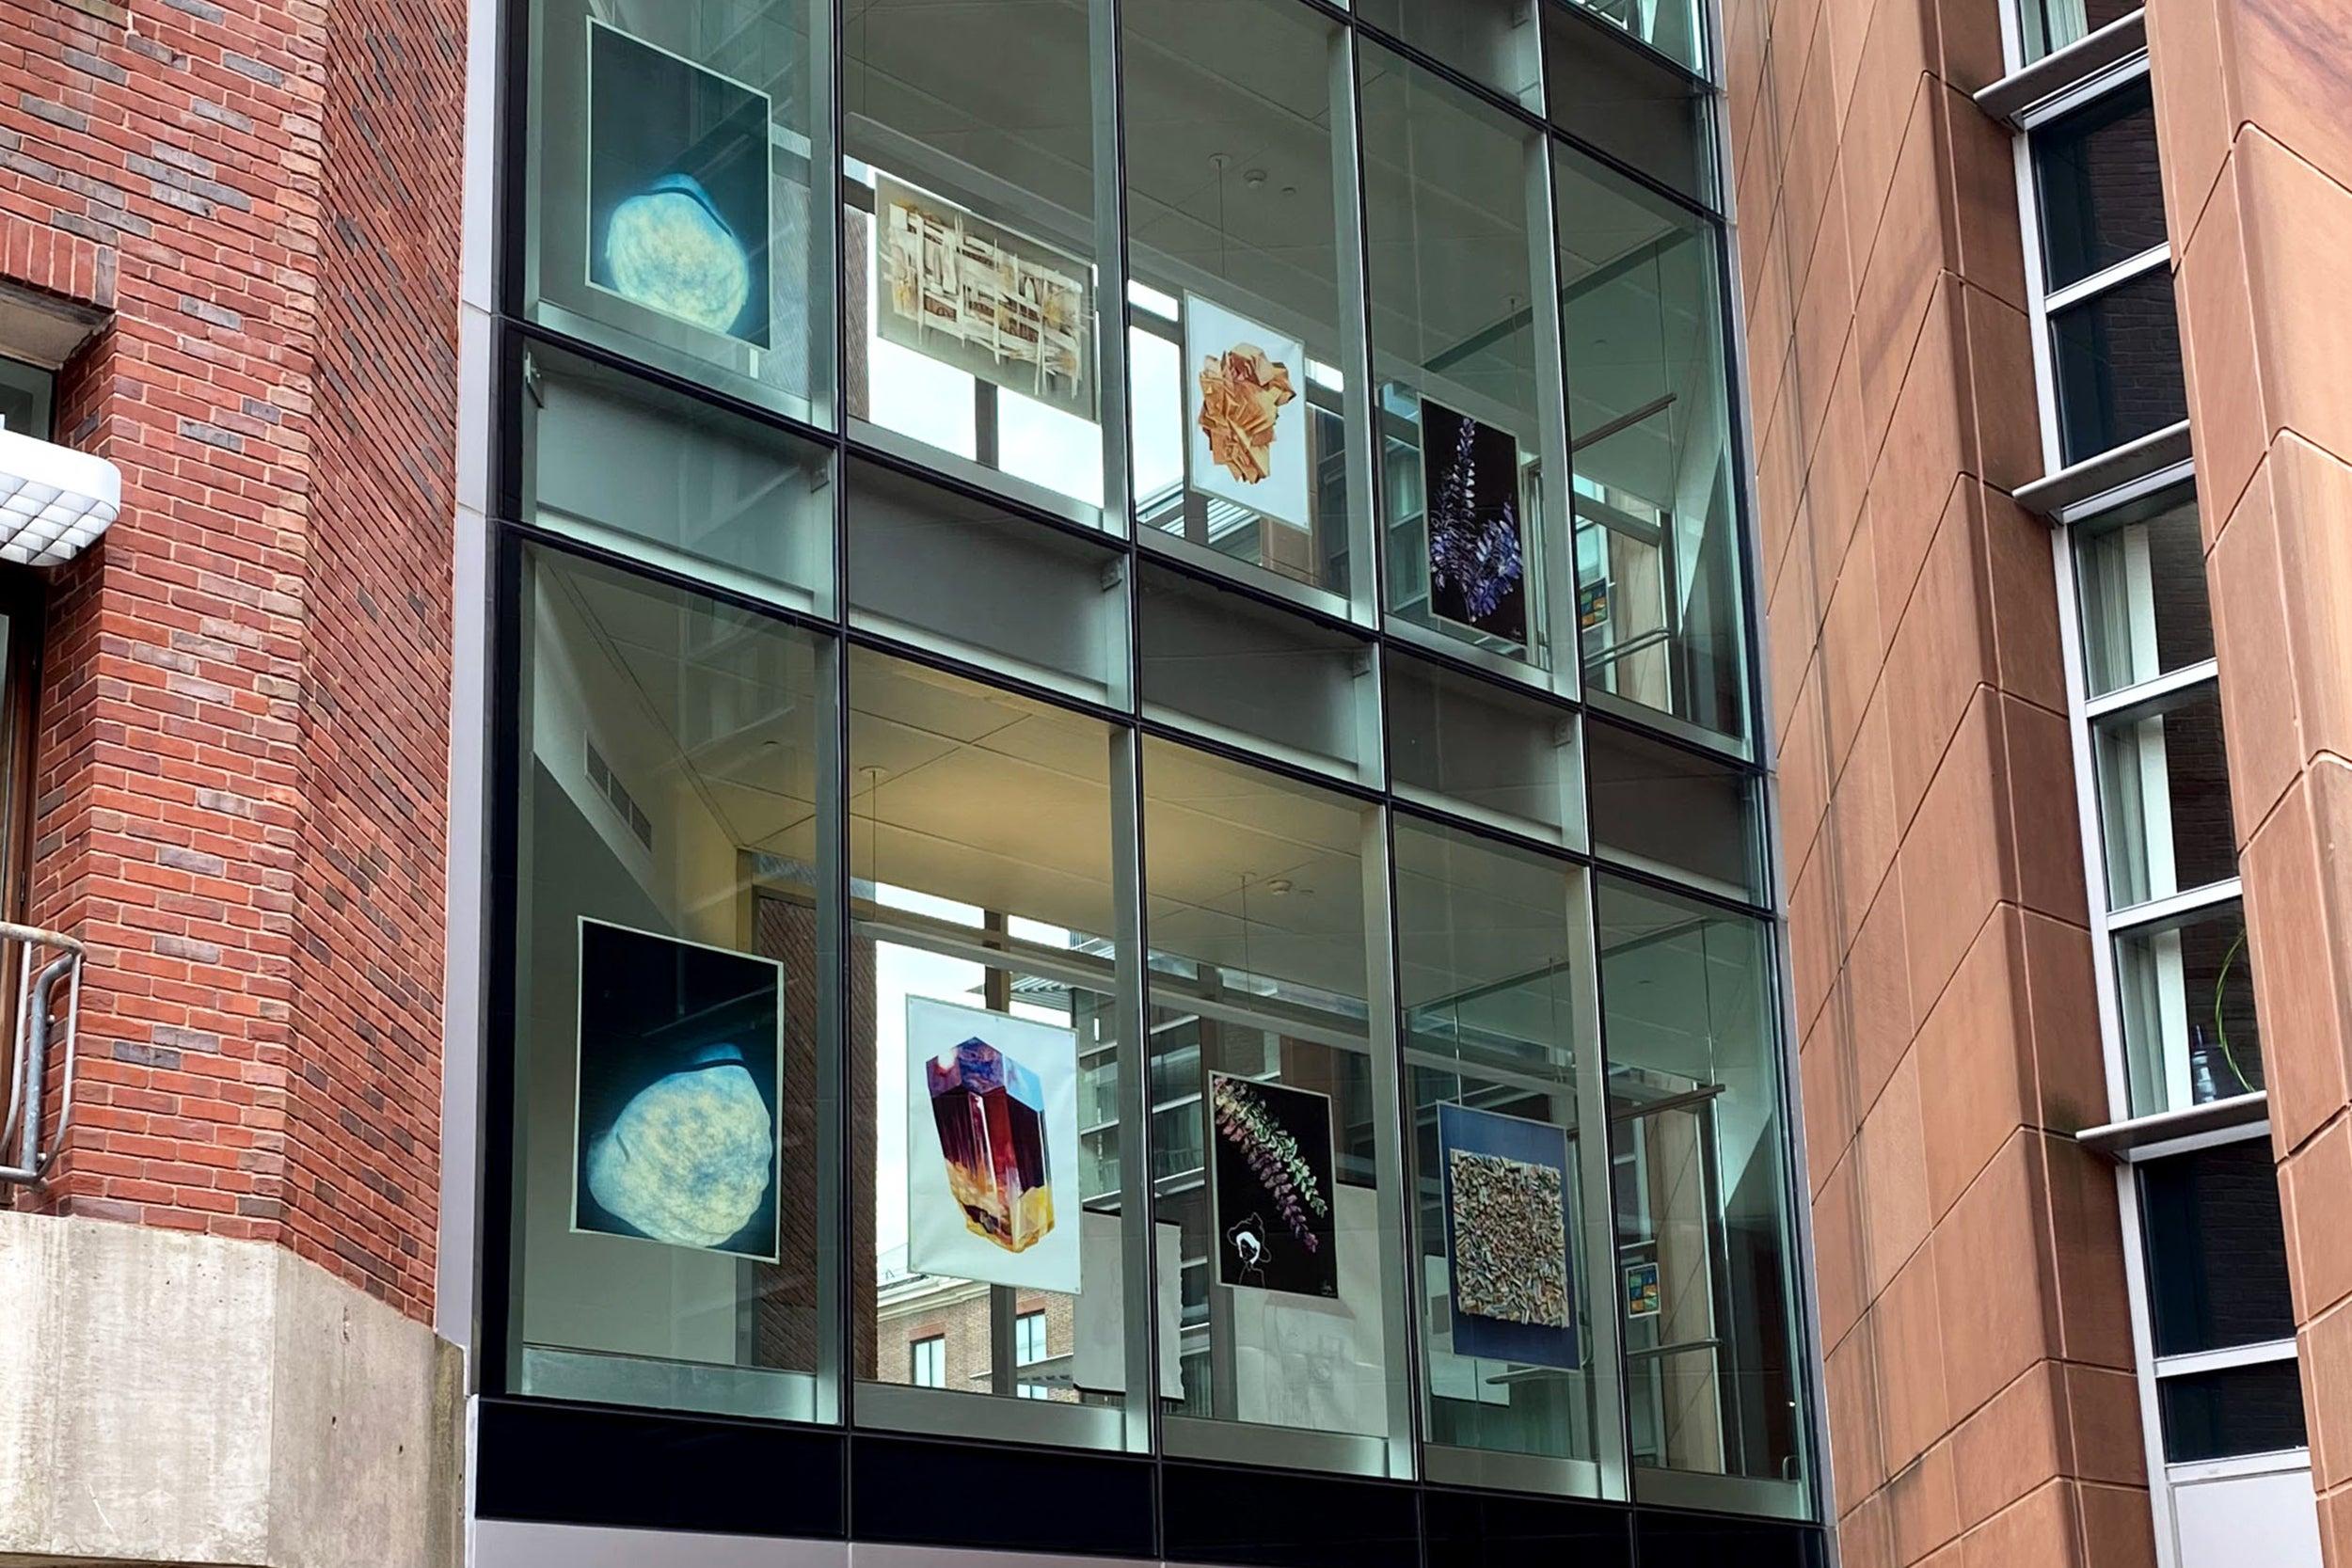 Artwork in the windows of Harvard buildings.